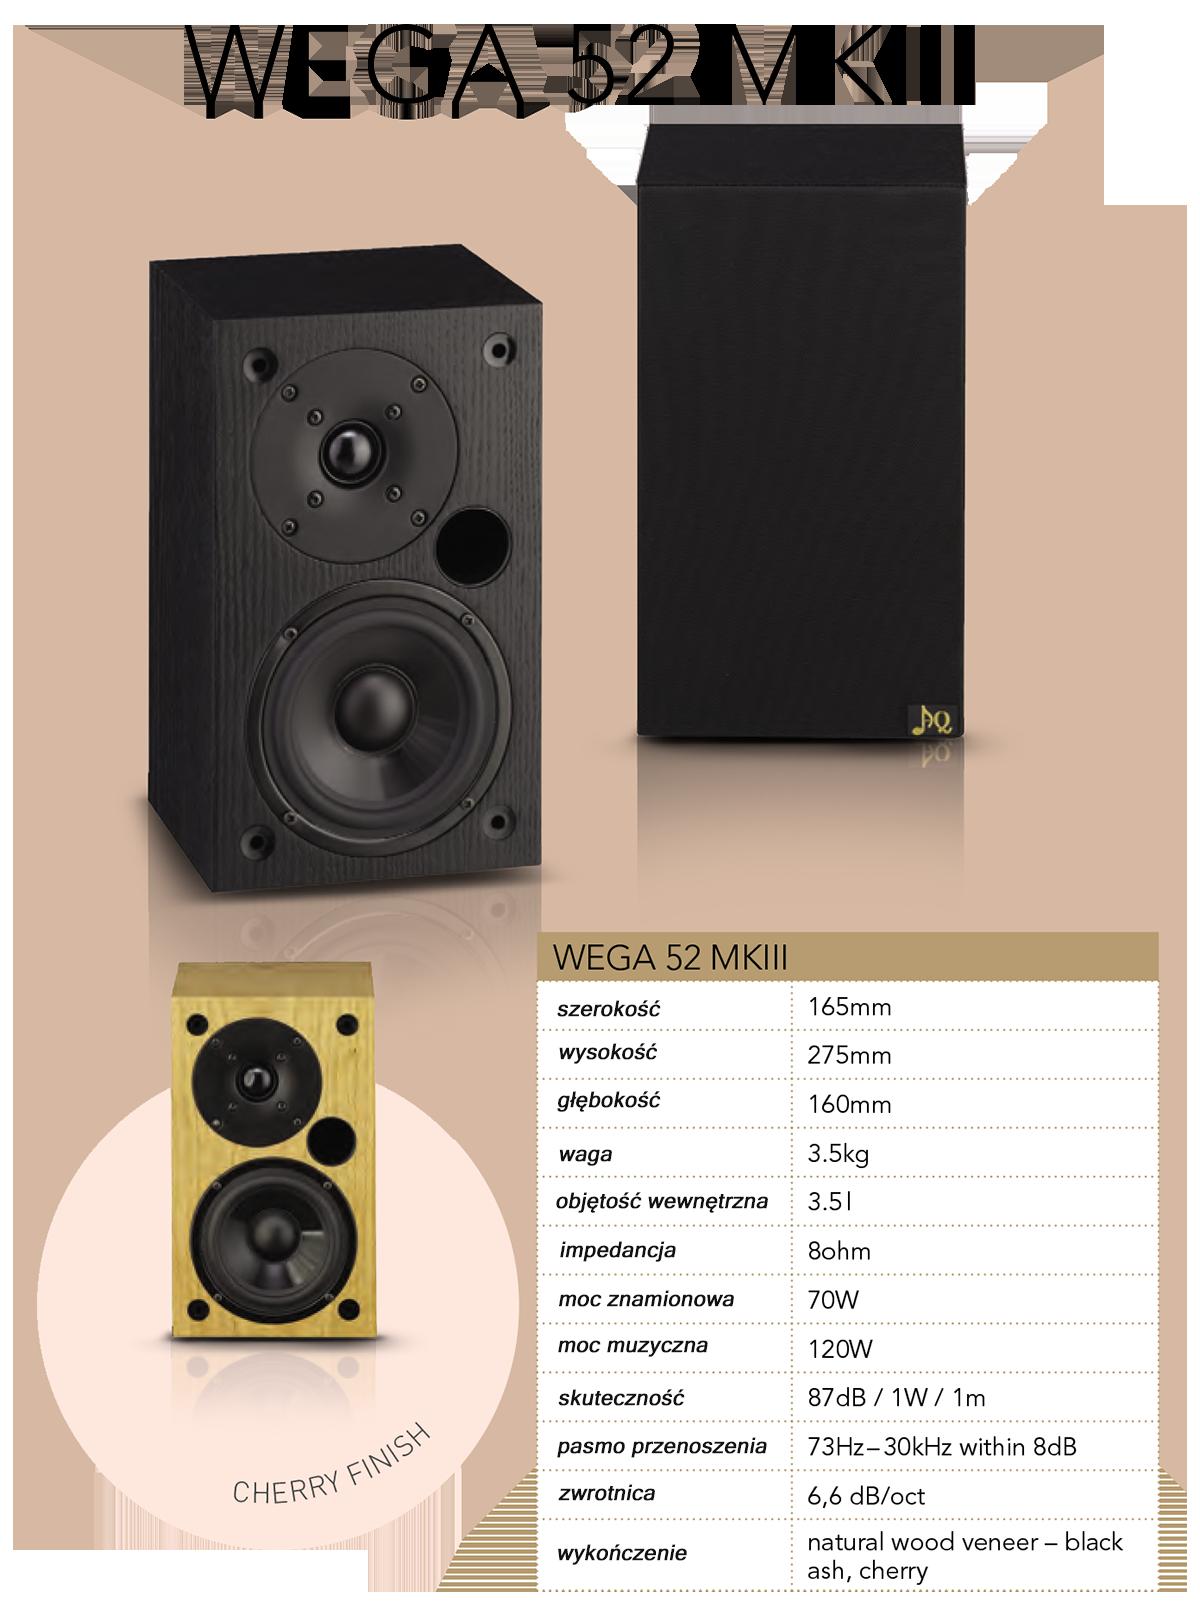 """AQ Wega 52 MKIII Dwudrożna kolumna głośnikowa, przeznaczona do udźwiękowienia mniejszych przestrzeni mieszkalnych lub jako efekt w kinie domowym, o mocy 120W, system bassreflex. Dwudrożna kolumna głośnikowa Wega 52 jest przeznaczona do udźwiękowienia mniejszych przestrzeni mieszkalnych lub jako efekt w kinie domowym. Obudowa składa się z połączenia płyty MDF i płyty wiórowej, tworzą sztywną obudowę z czoła składana metodą na kanapkę, na przodzie znajduje się otwór bassreflex. Pozwala to na umieszczenie jej bliskości ściany. Na tylnym panelu umieszczone jest gniazdo kolumny, które umożliwia bezproblemowe podłączenie kabla o przekroju do 4 mm2. Dzięki pewności, jaką zapewnia 19 mm grubość panelu tylnego jest możliwość bezpiecznego wkręcenia uchwytu. Do montażu ściennego, zalecamy uchwyty, typu AQ SAT 5 lub obrotowy model BT1. Oprawę tworzy dobrze skoordynowana kombinacja głośników: 5,25"""" głośnik średniotonowy, z sztywna membrana polipropylenowa i unikalny głośnik wysokotonowy z miękką tkaniną Vifa 1"""". Dzięki temu, że szczelina magnetyczna jest wypełniona ferrofluidem, głośnik może wytrzymać nawet większe obciążenia zaskakująco dobrze. Charakter dźwięku będzie się odwoływać do szerokiego spektrum słuchaczy i bardzo dobrze będzie można słuchać zarówno muzykę akustyczną i pop."""